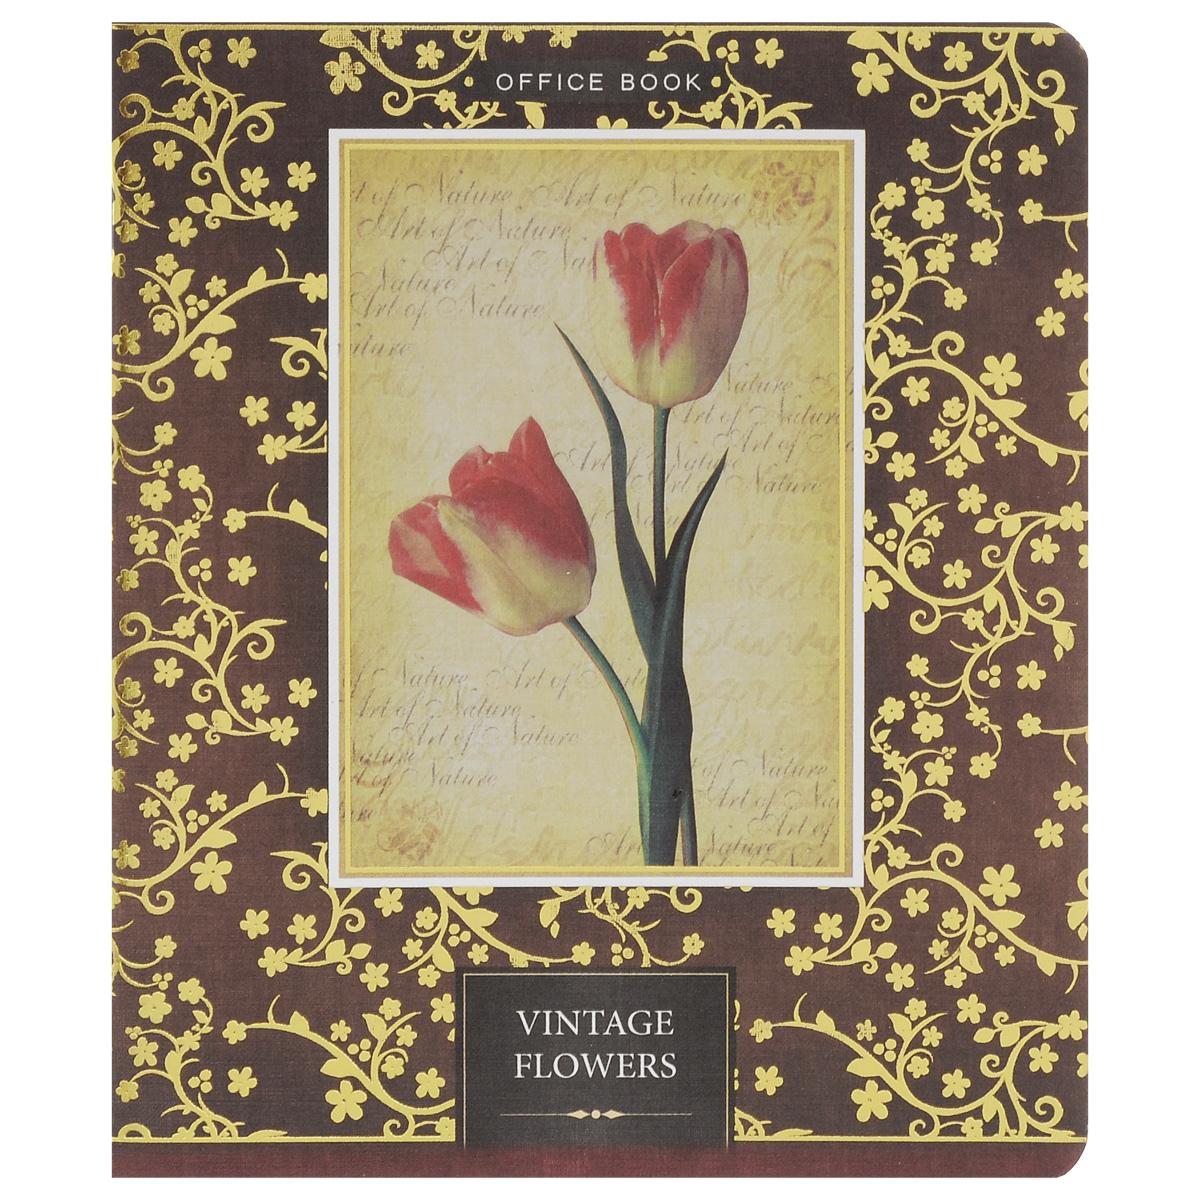 Тетрадь в клетку Vintage Flowers Два тюльпана, 60 листов6650/5_Sev Два ТюльпанаТетрадь Vintage Flowers Два тюльпана отлично подходит для различных работ.Обложка тетради с элементами золотого тиснения выполнена из матового картона с закругленными углами.Внутренний блок тетради соединен металлическими скрепками и состоит из 60 листов высококачественной бумаги повышенной белизны. Стандартная линовка в клетку дополнена полями, совпадающими с лицевой и оборотной стороны листа. Первая страничка содержит поля для заполнения личных данных.